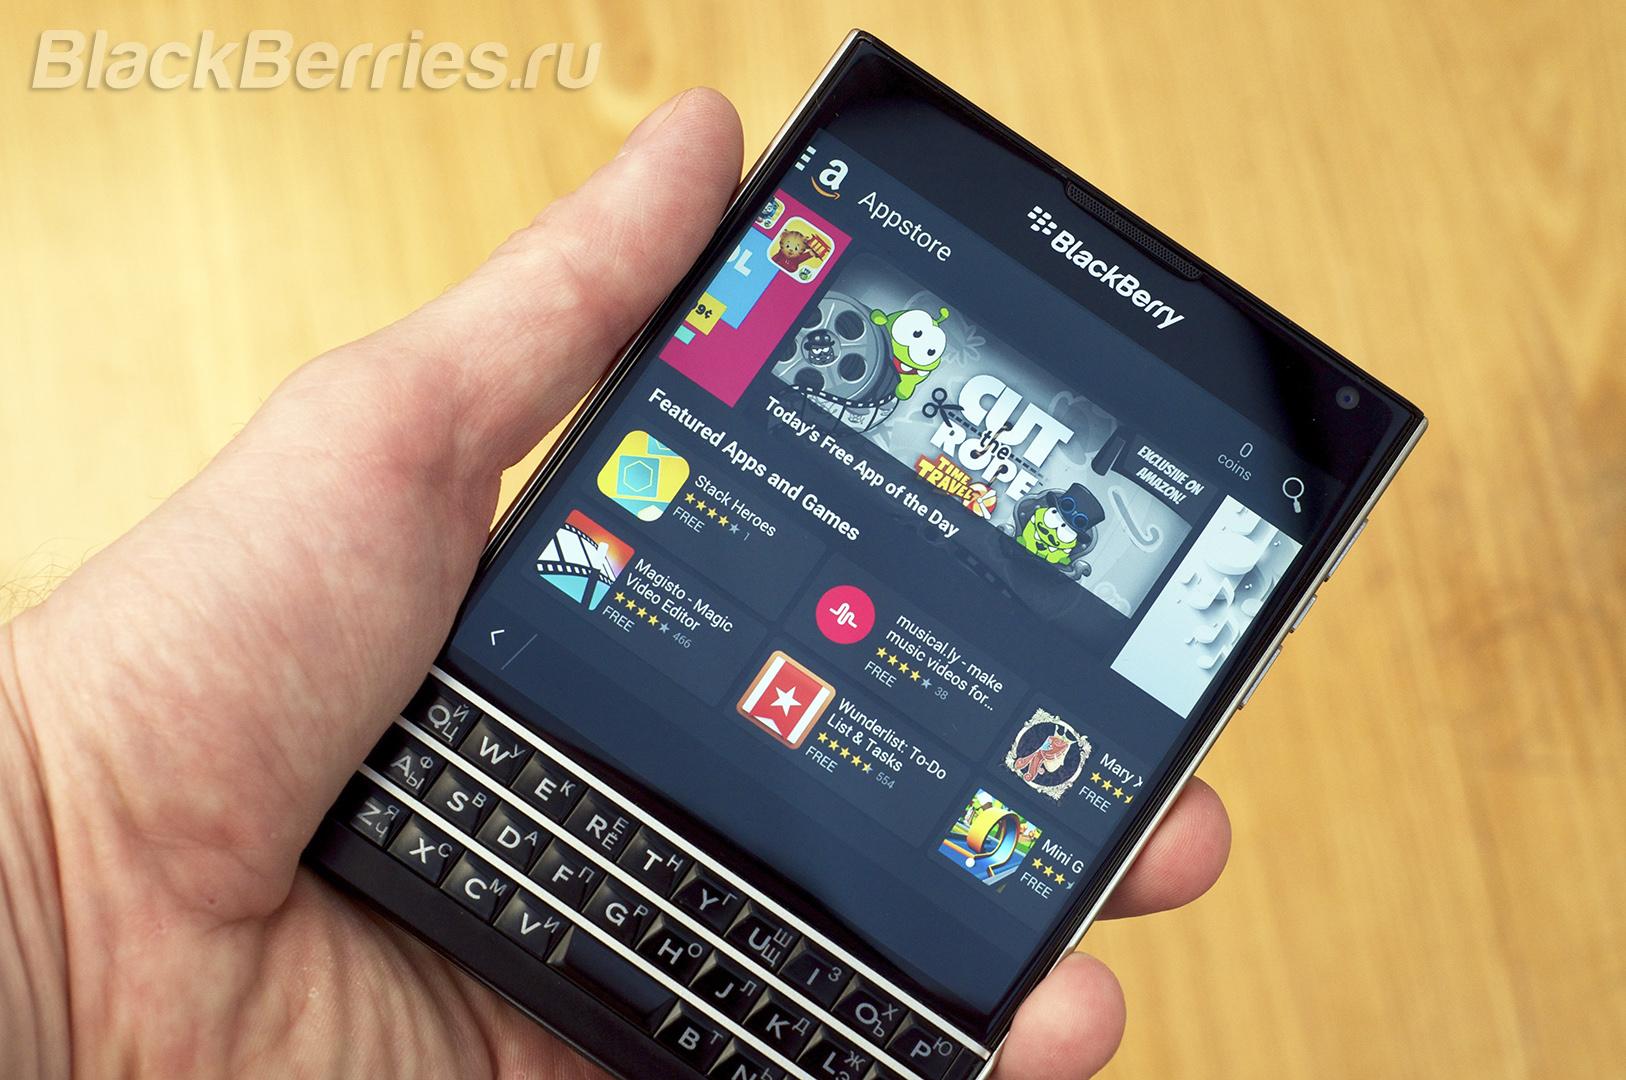 BlackBerry-Passport-Apps-25-08-3